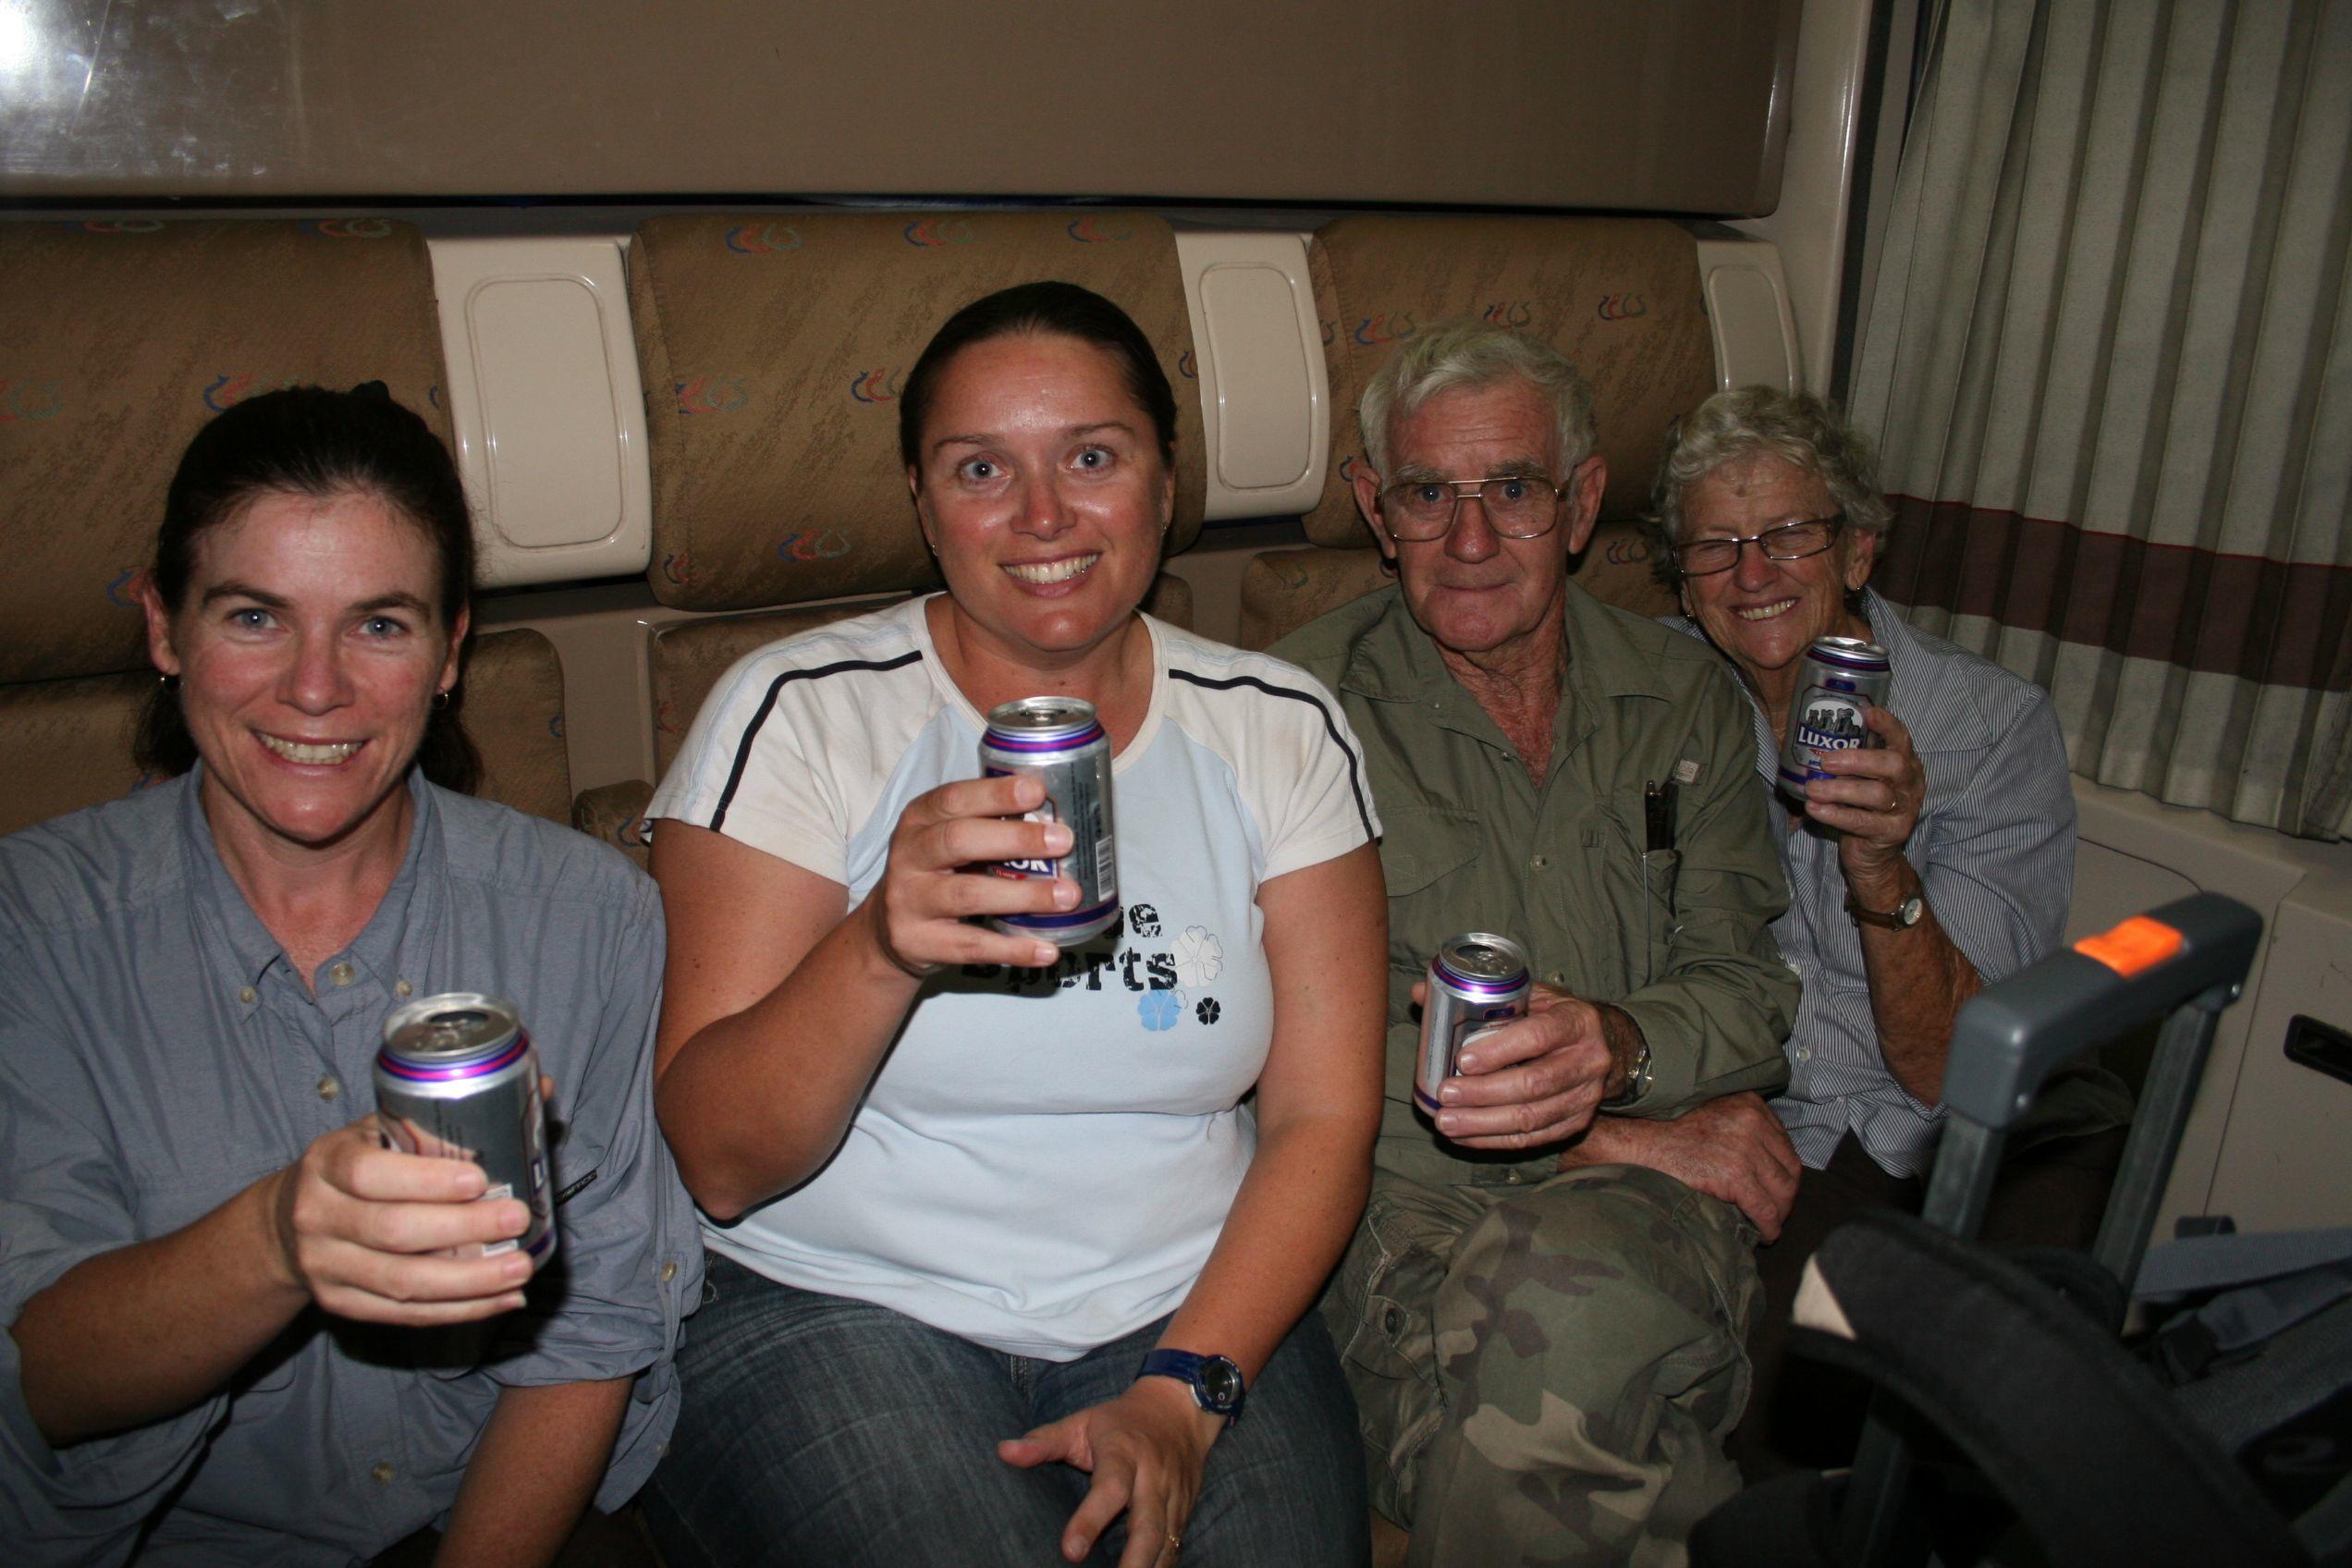 Cheers, Night Train to Cairo